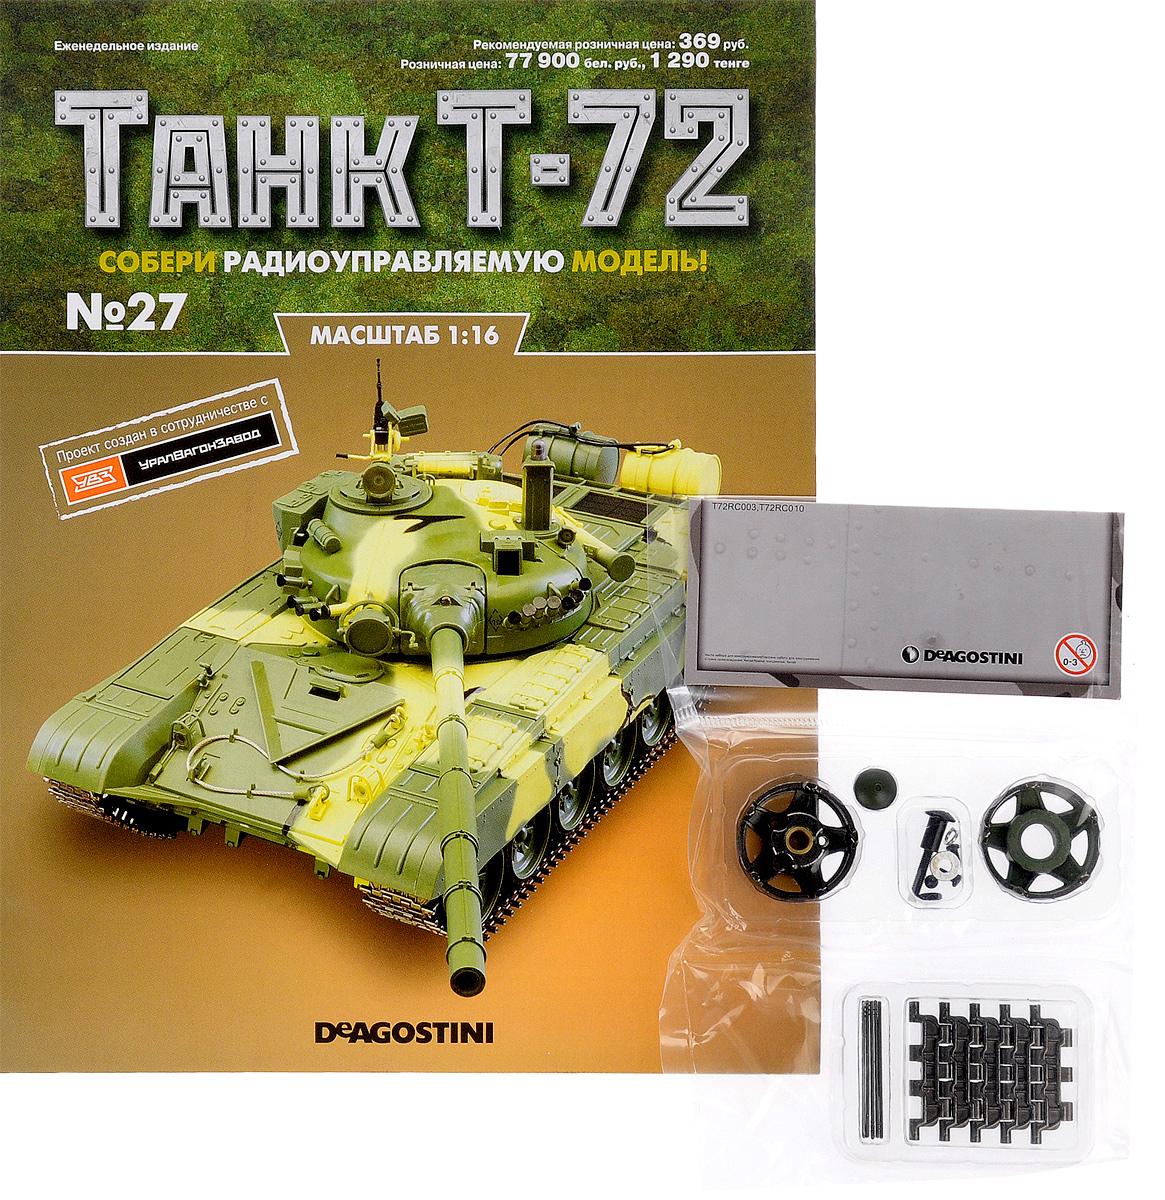 Журнал Танк Т-72 №27TRC027Перед вами - журнал из уникальной серии партворков Танк Т-72 с увлекательной информацией о легендарных боевых машинах и элементами для сборки копии танка Т-72 в уменьшенном варианте 1:16. У вас есть возможность собственноручно создать высококачественную модель этого знаменитого танка с достоверным воспроизведением всех элементов, сохранением функций подлинной боевой машины и дистанционным управлением. В комплекте: 1. Внутренняя часть ведущего колеса 2. Внешняя часть ведущего колеса 3. Колпак колеса 4. Шуруп 5. Гайка 6. Пружинная шайба 7. Шайба 8. Винты (3 шт.) 9. Штифты (5 шт.) 10. Траки (5 шт.) Категория 16+.